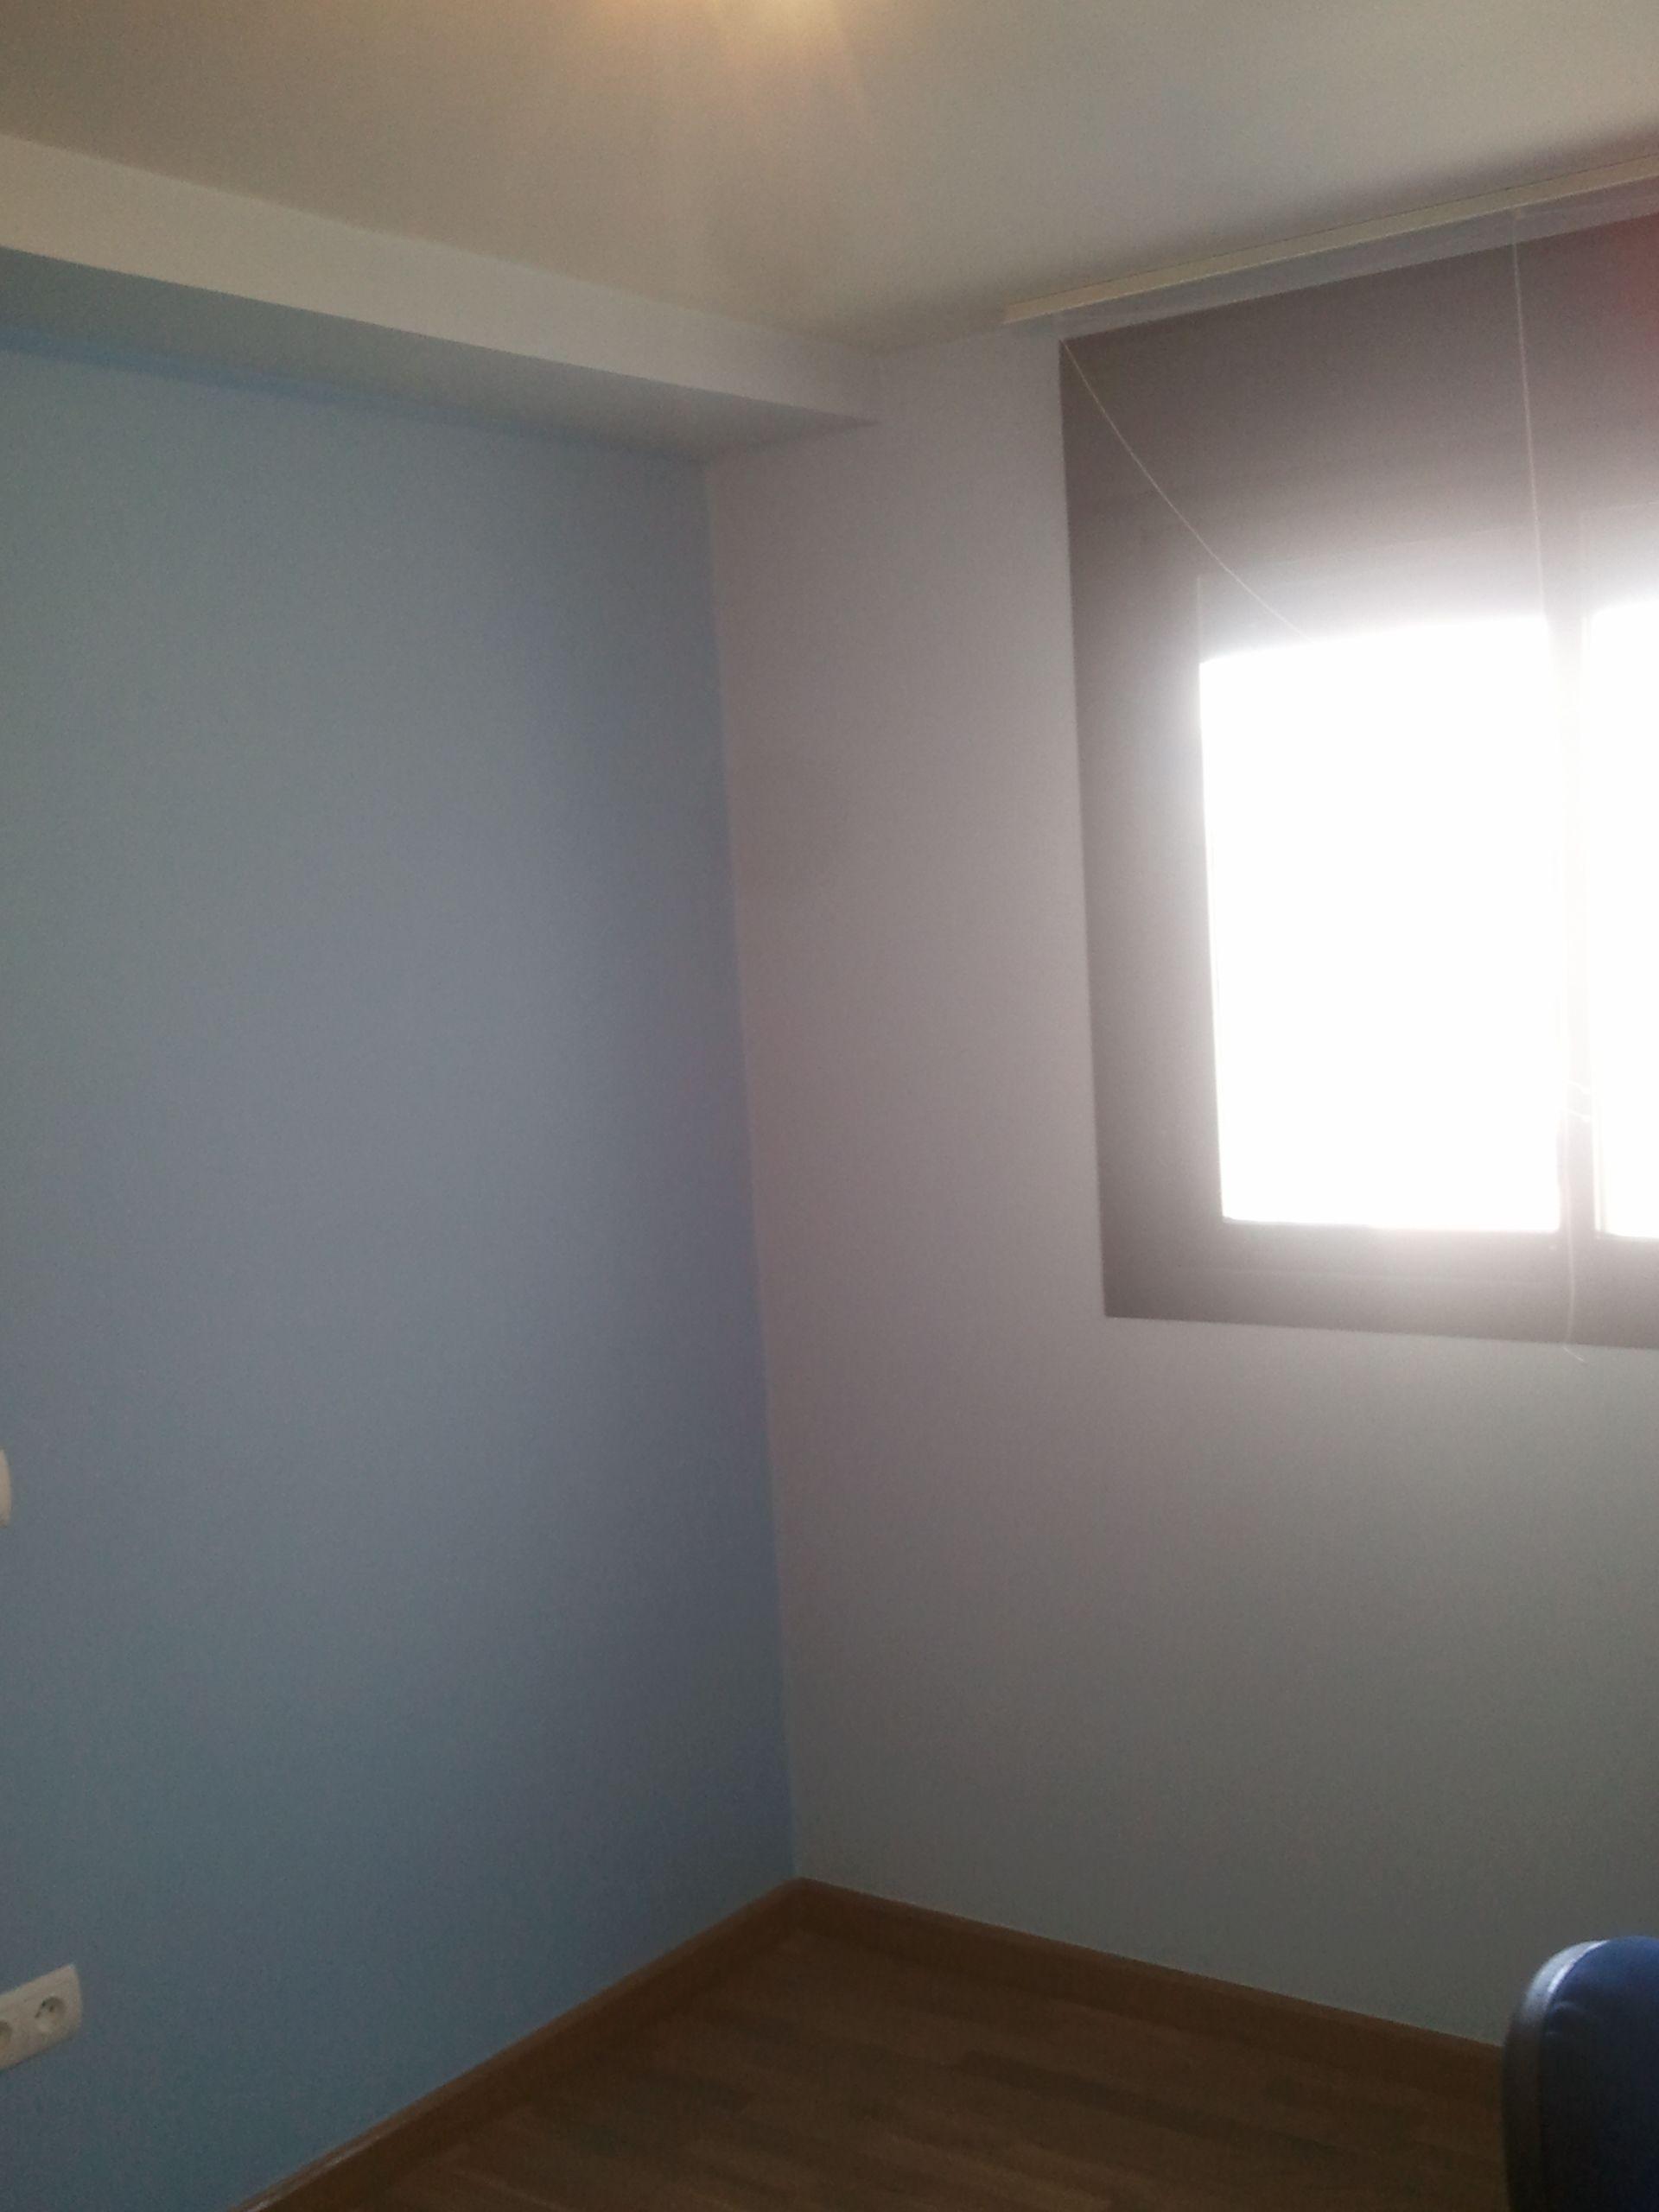 Plastico color azul oscuro y claro (1)